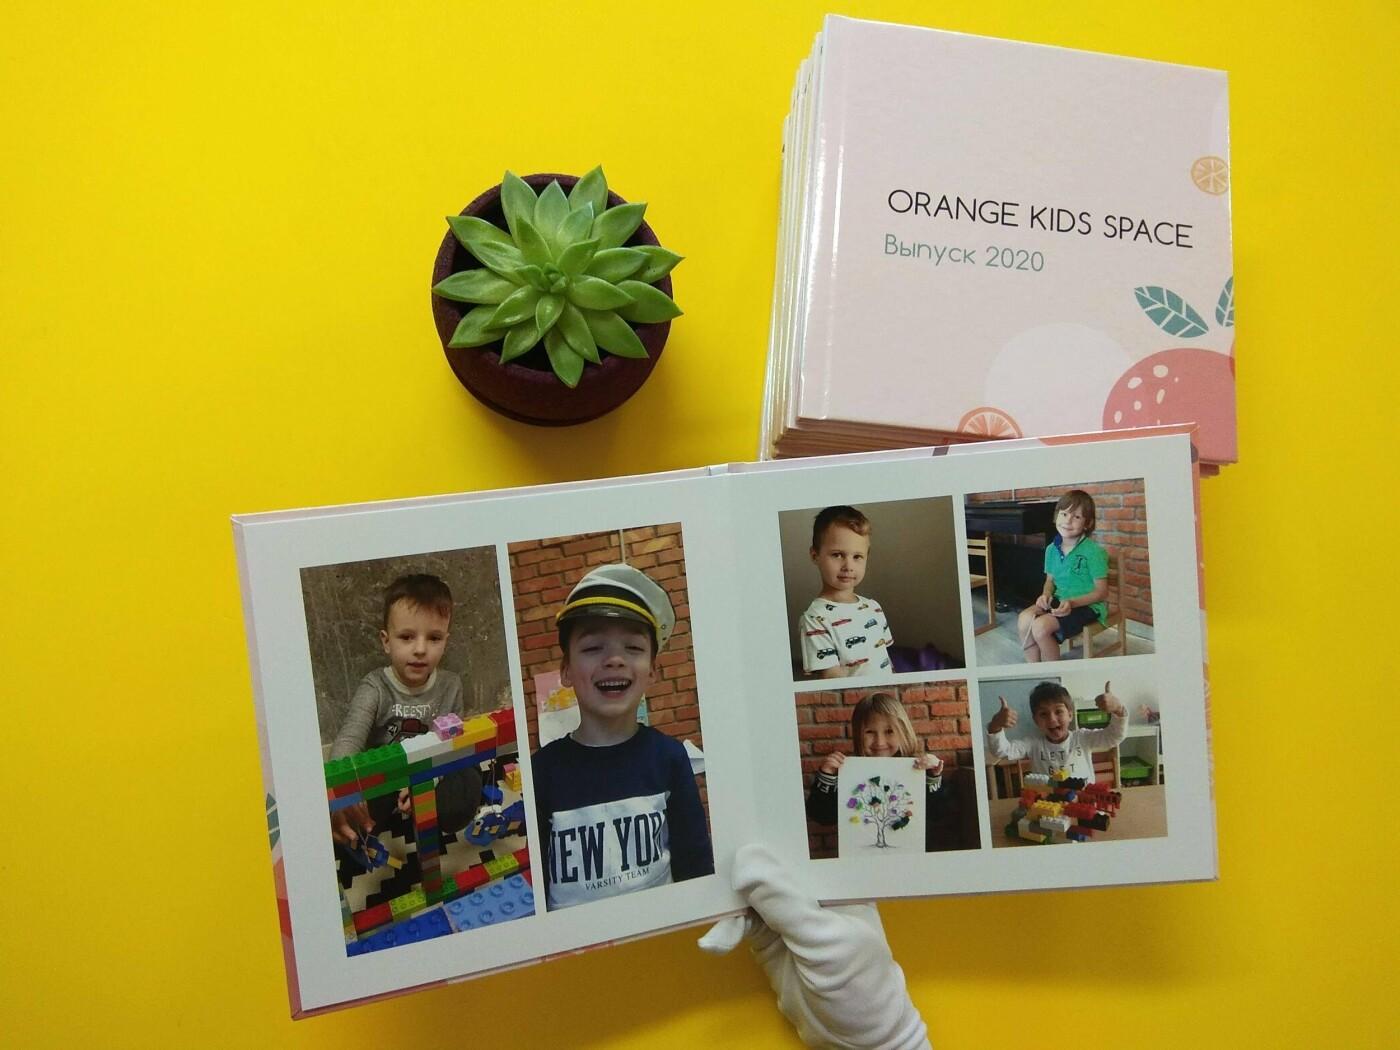 Що подарувати на День вчителя? 5 кращих ідей від Mofy.life, фото-2